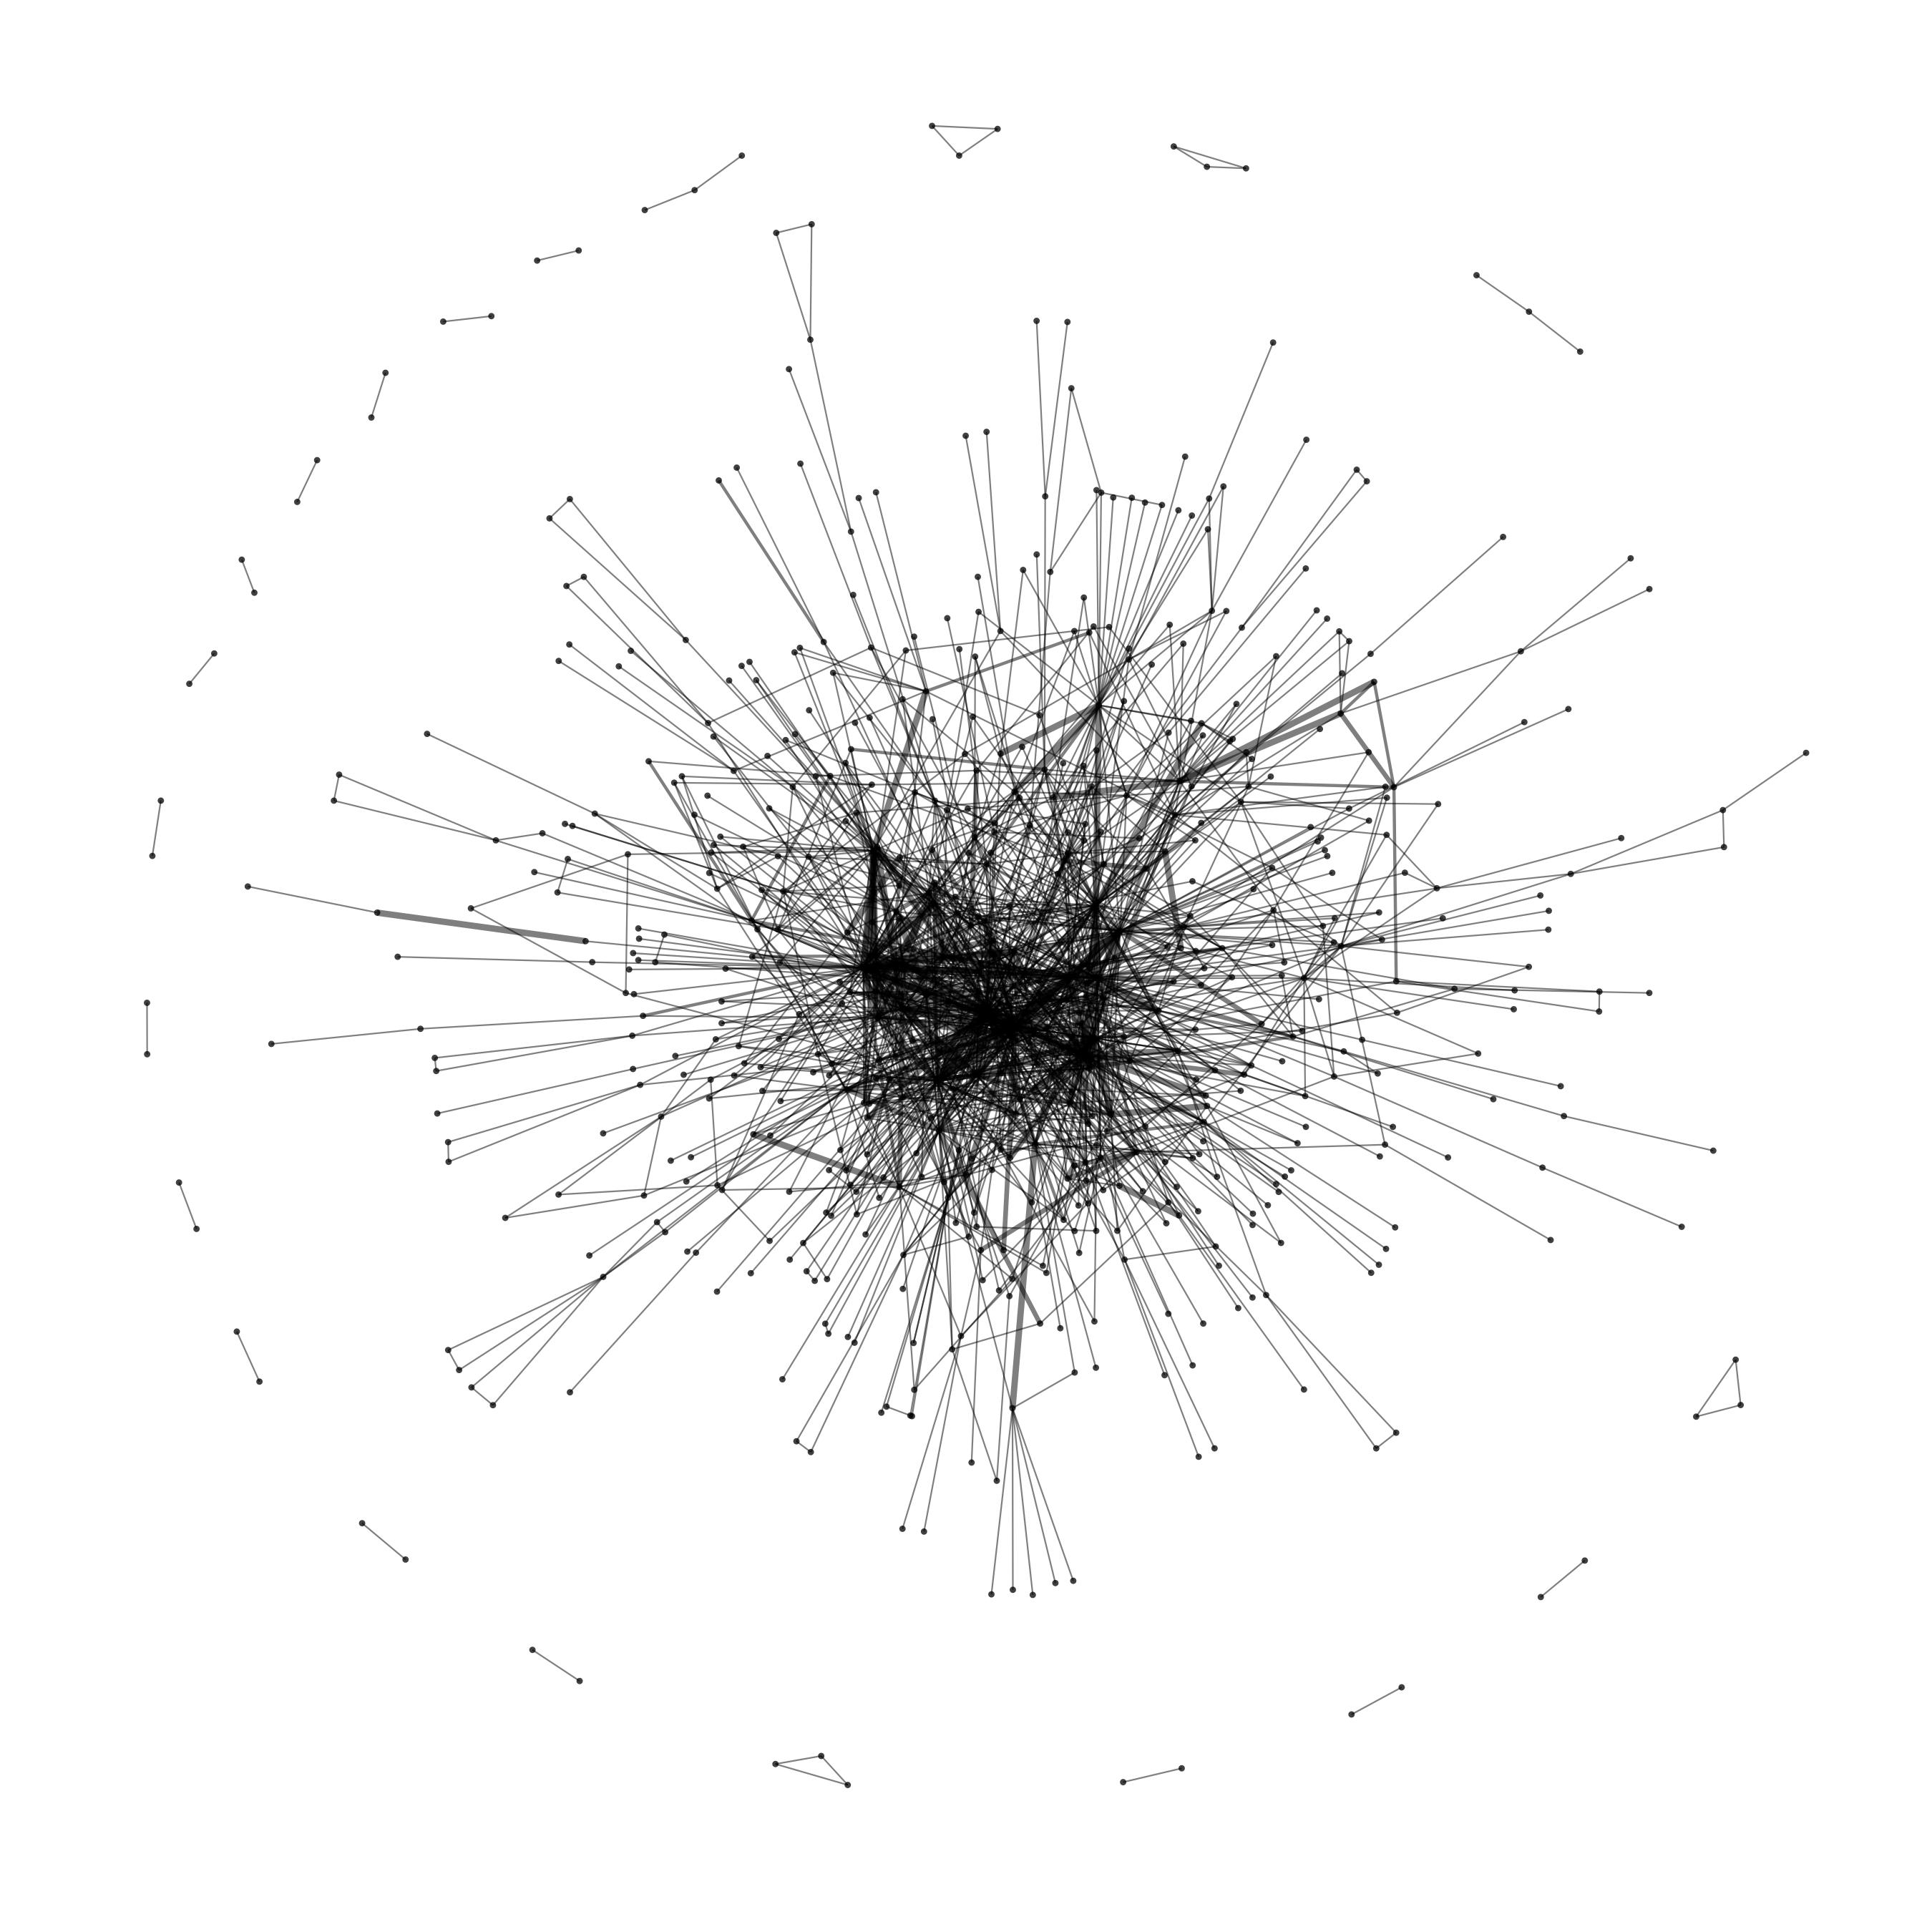 lpaisseur des liens entre deux mots cls est ici proportionnelle leur frquence dapparition dans le corpus simplifie en cinq catgories correspondant